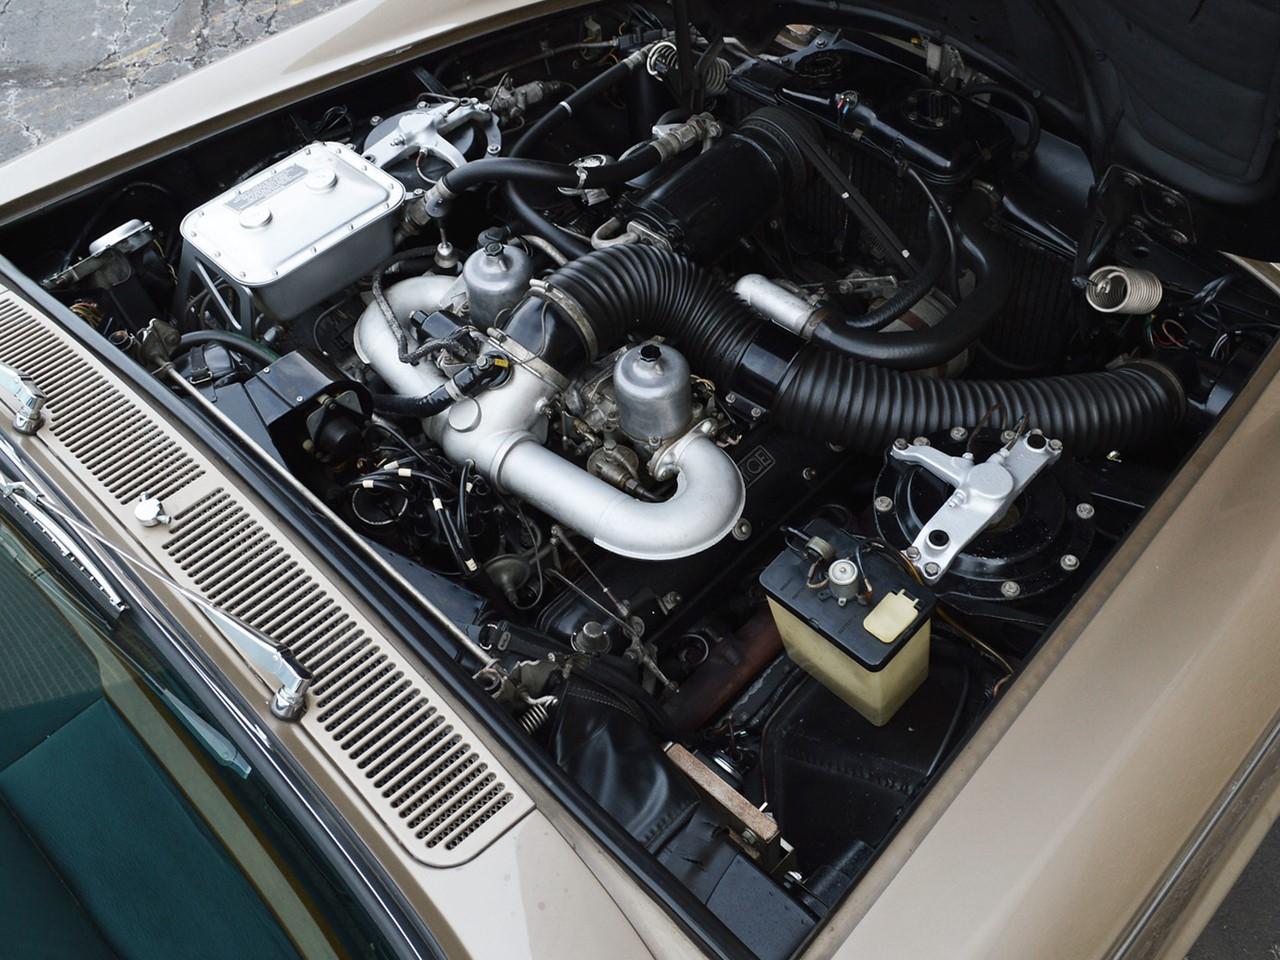 6.2 litre V8 3